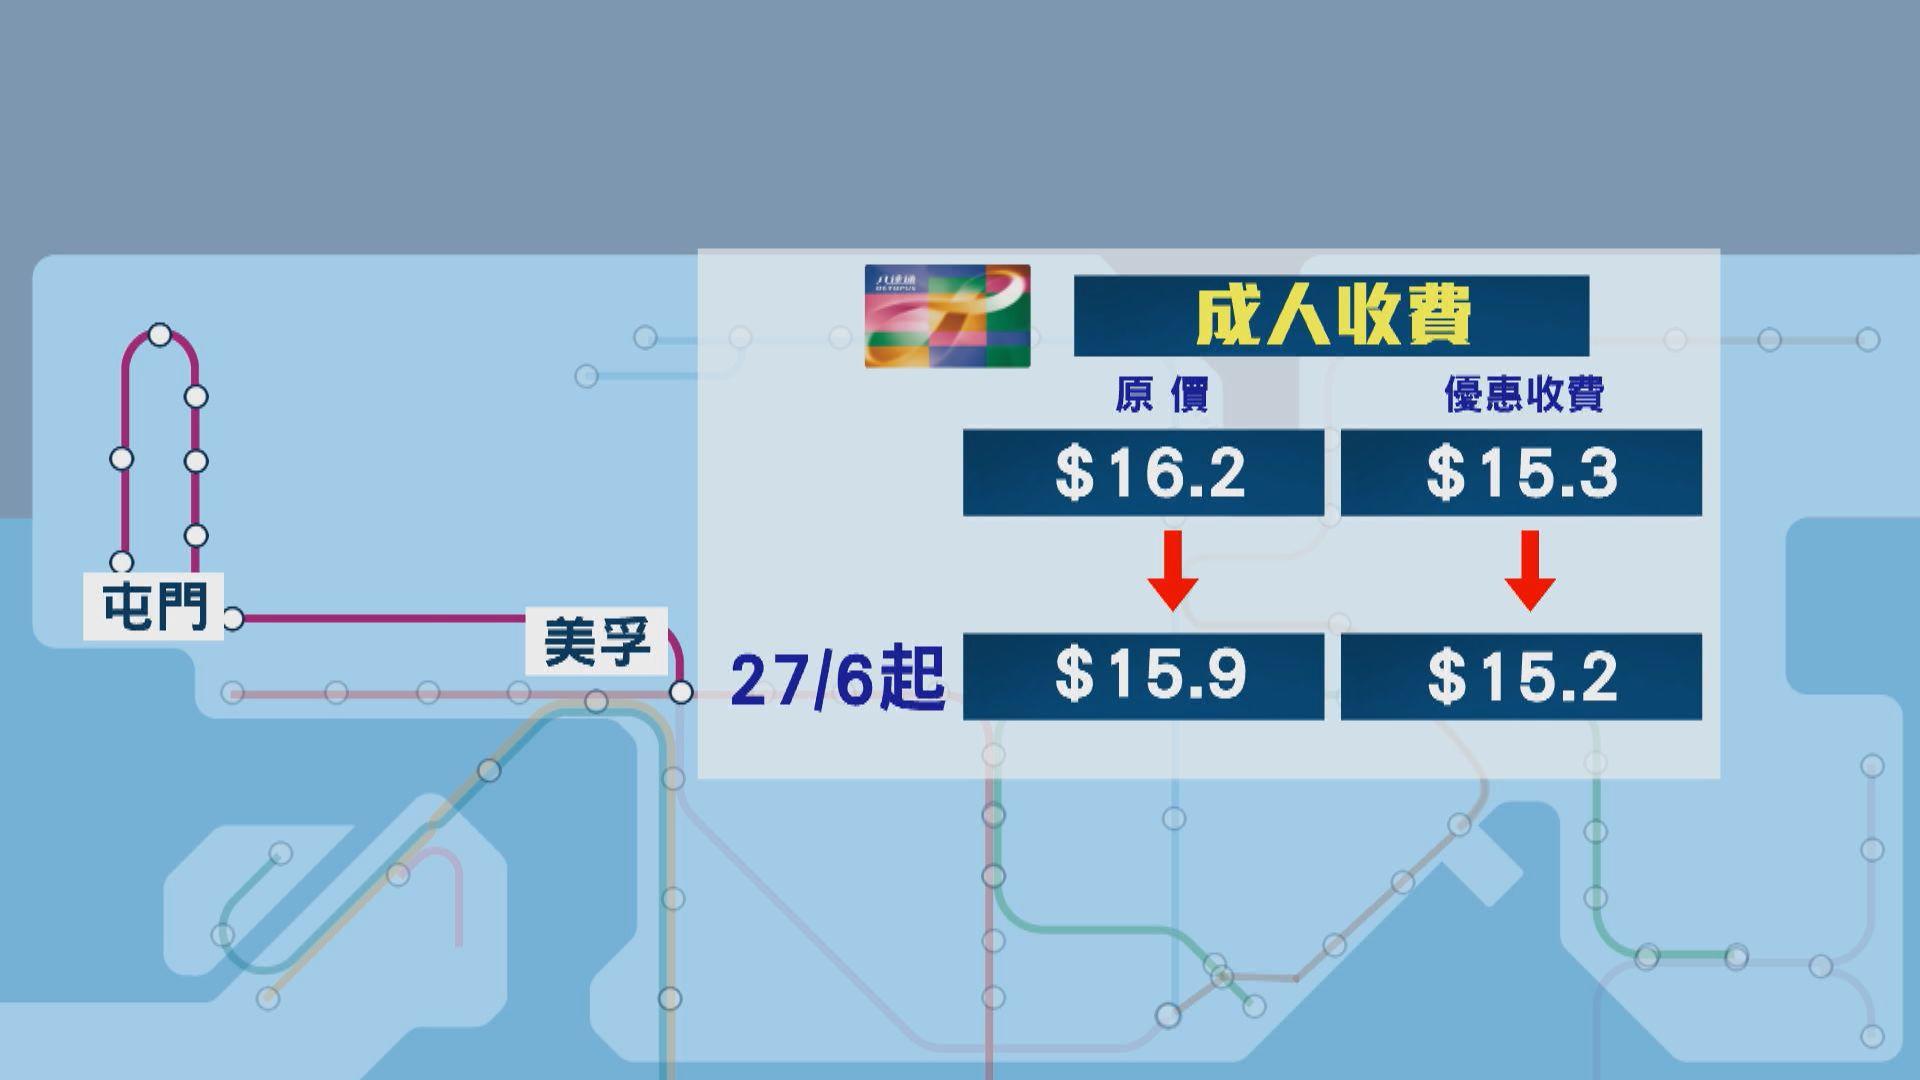 港鐵因應通脹修訂調整票價減幅至1.85%